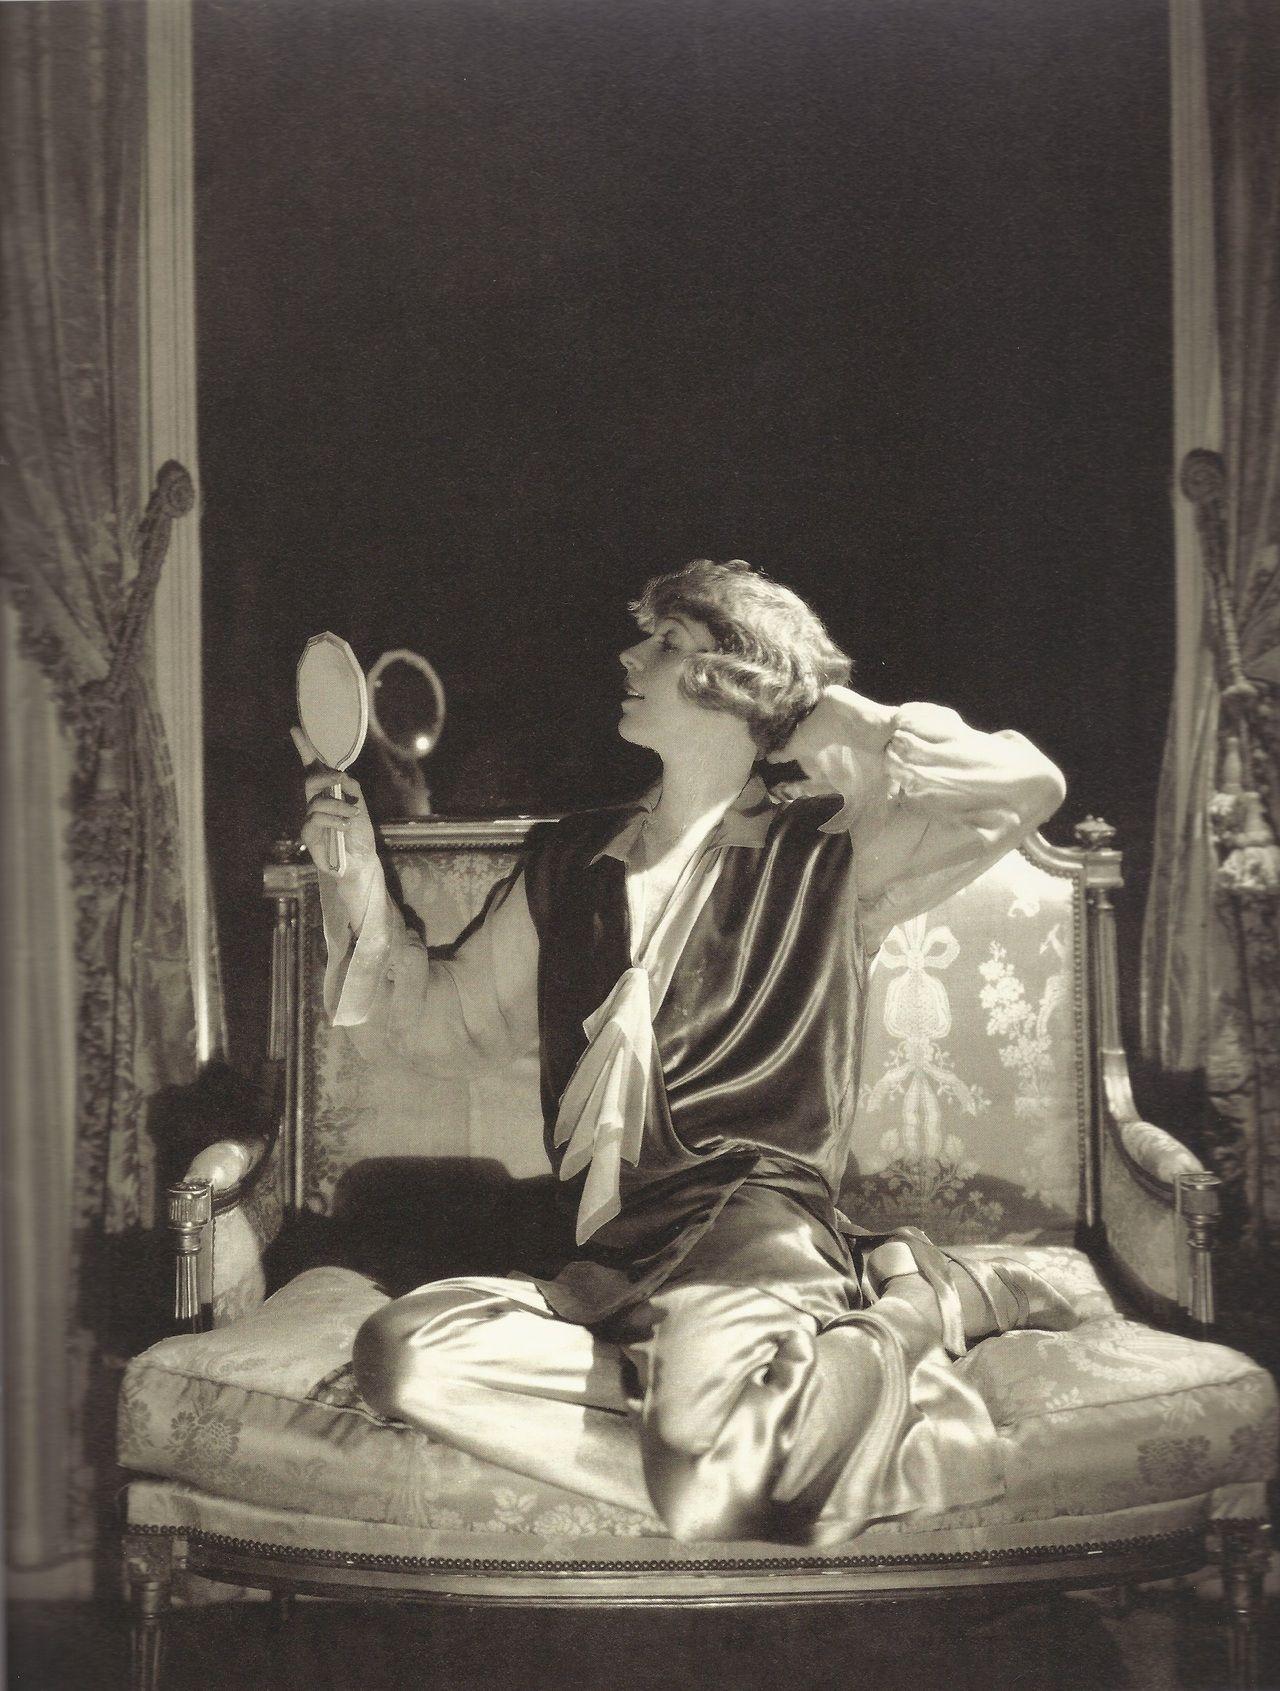 Edward Steichen- Ina Claire habillée en Louiseboulanger, dans la pièce The Last of Mrs. Cheney, 1925